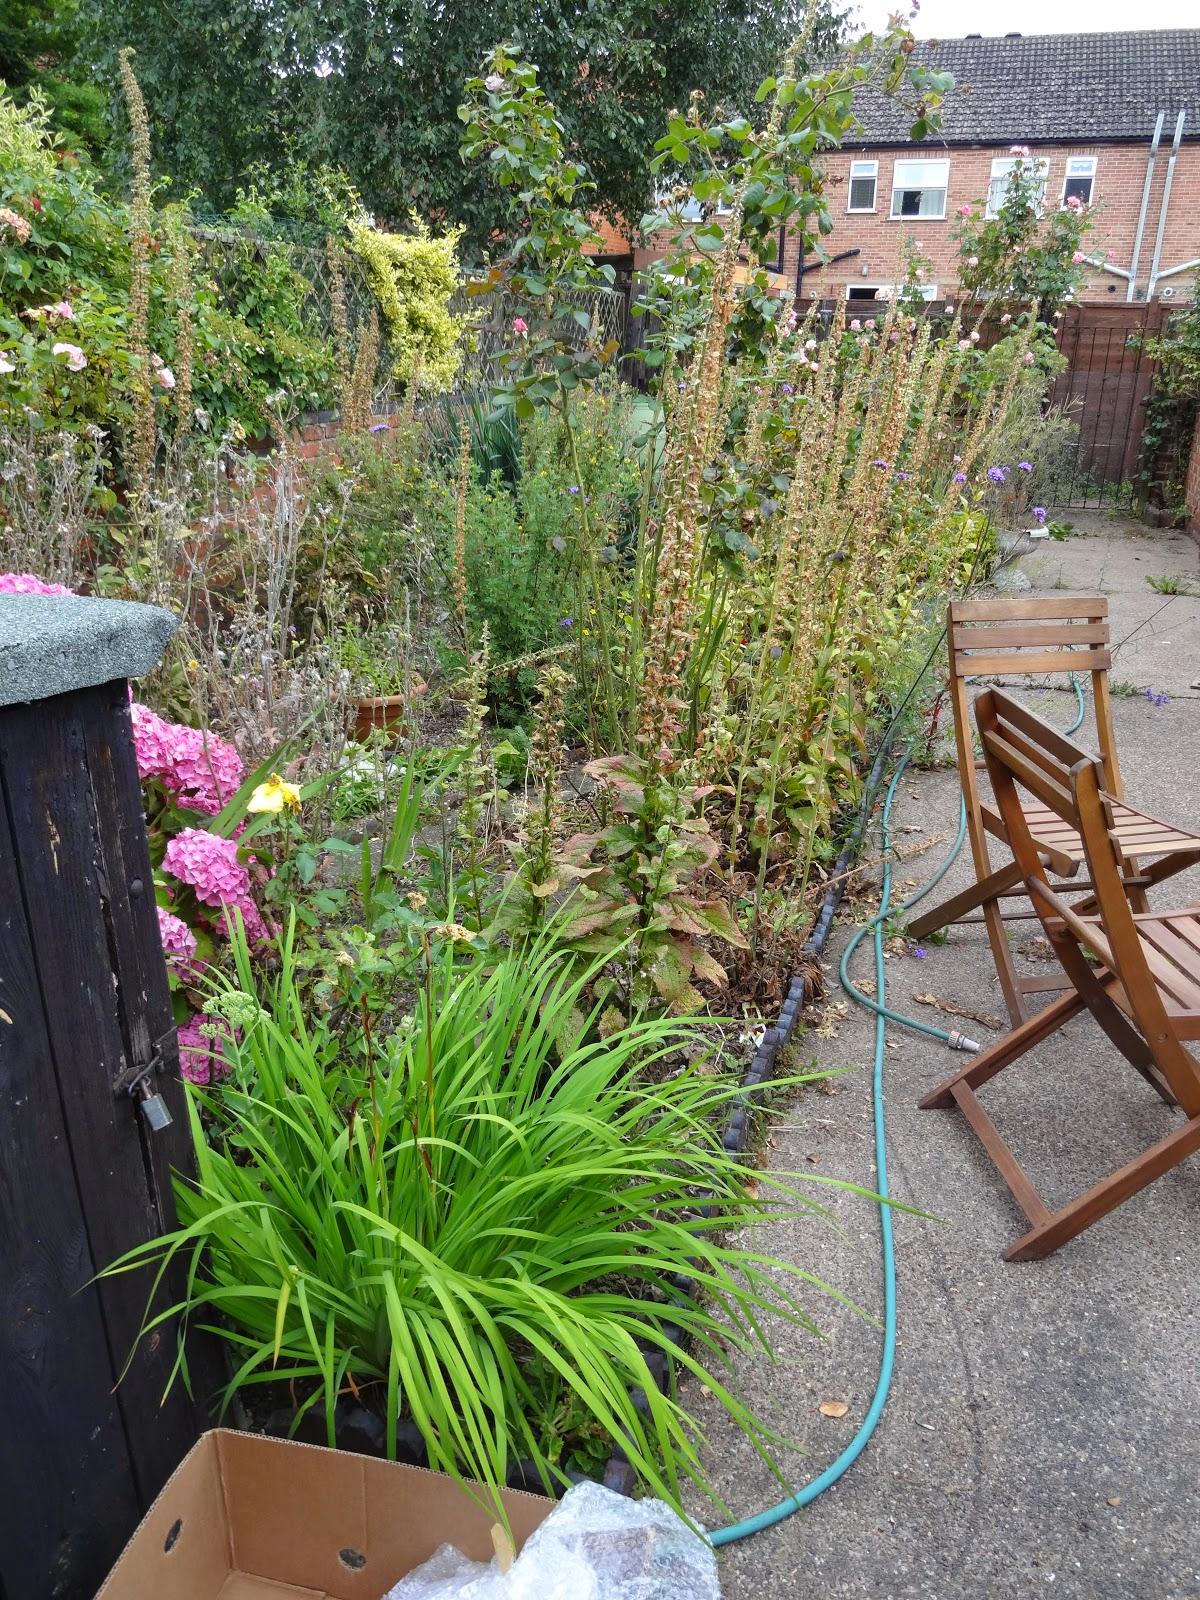 victorian terrace with overgrown garden